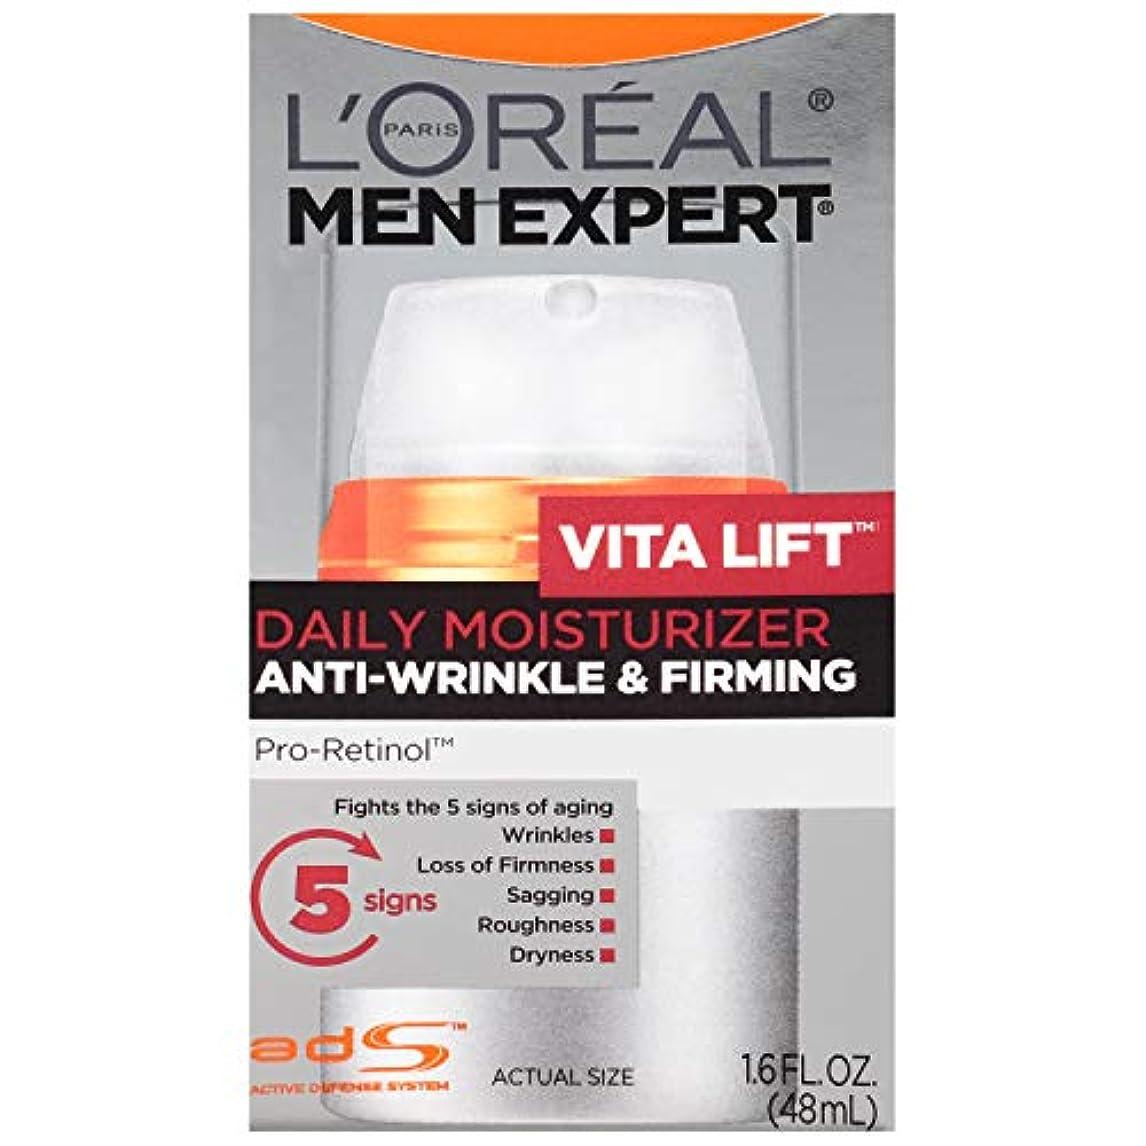 ばかげた名誉歌詞Men's Expert L'Oreal Paris Vita Lift Anti-Wrinkle & Firming Moisturizer, 1.6 Ounces